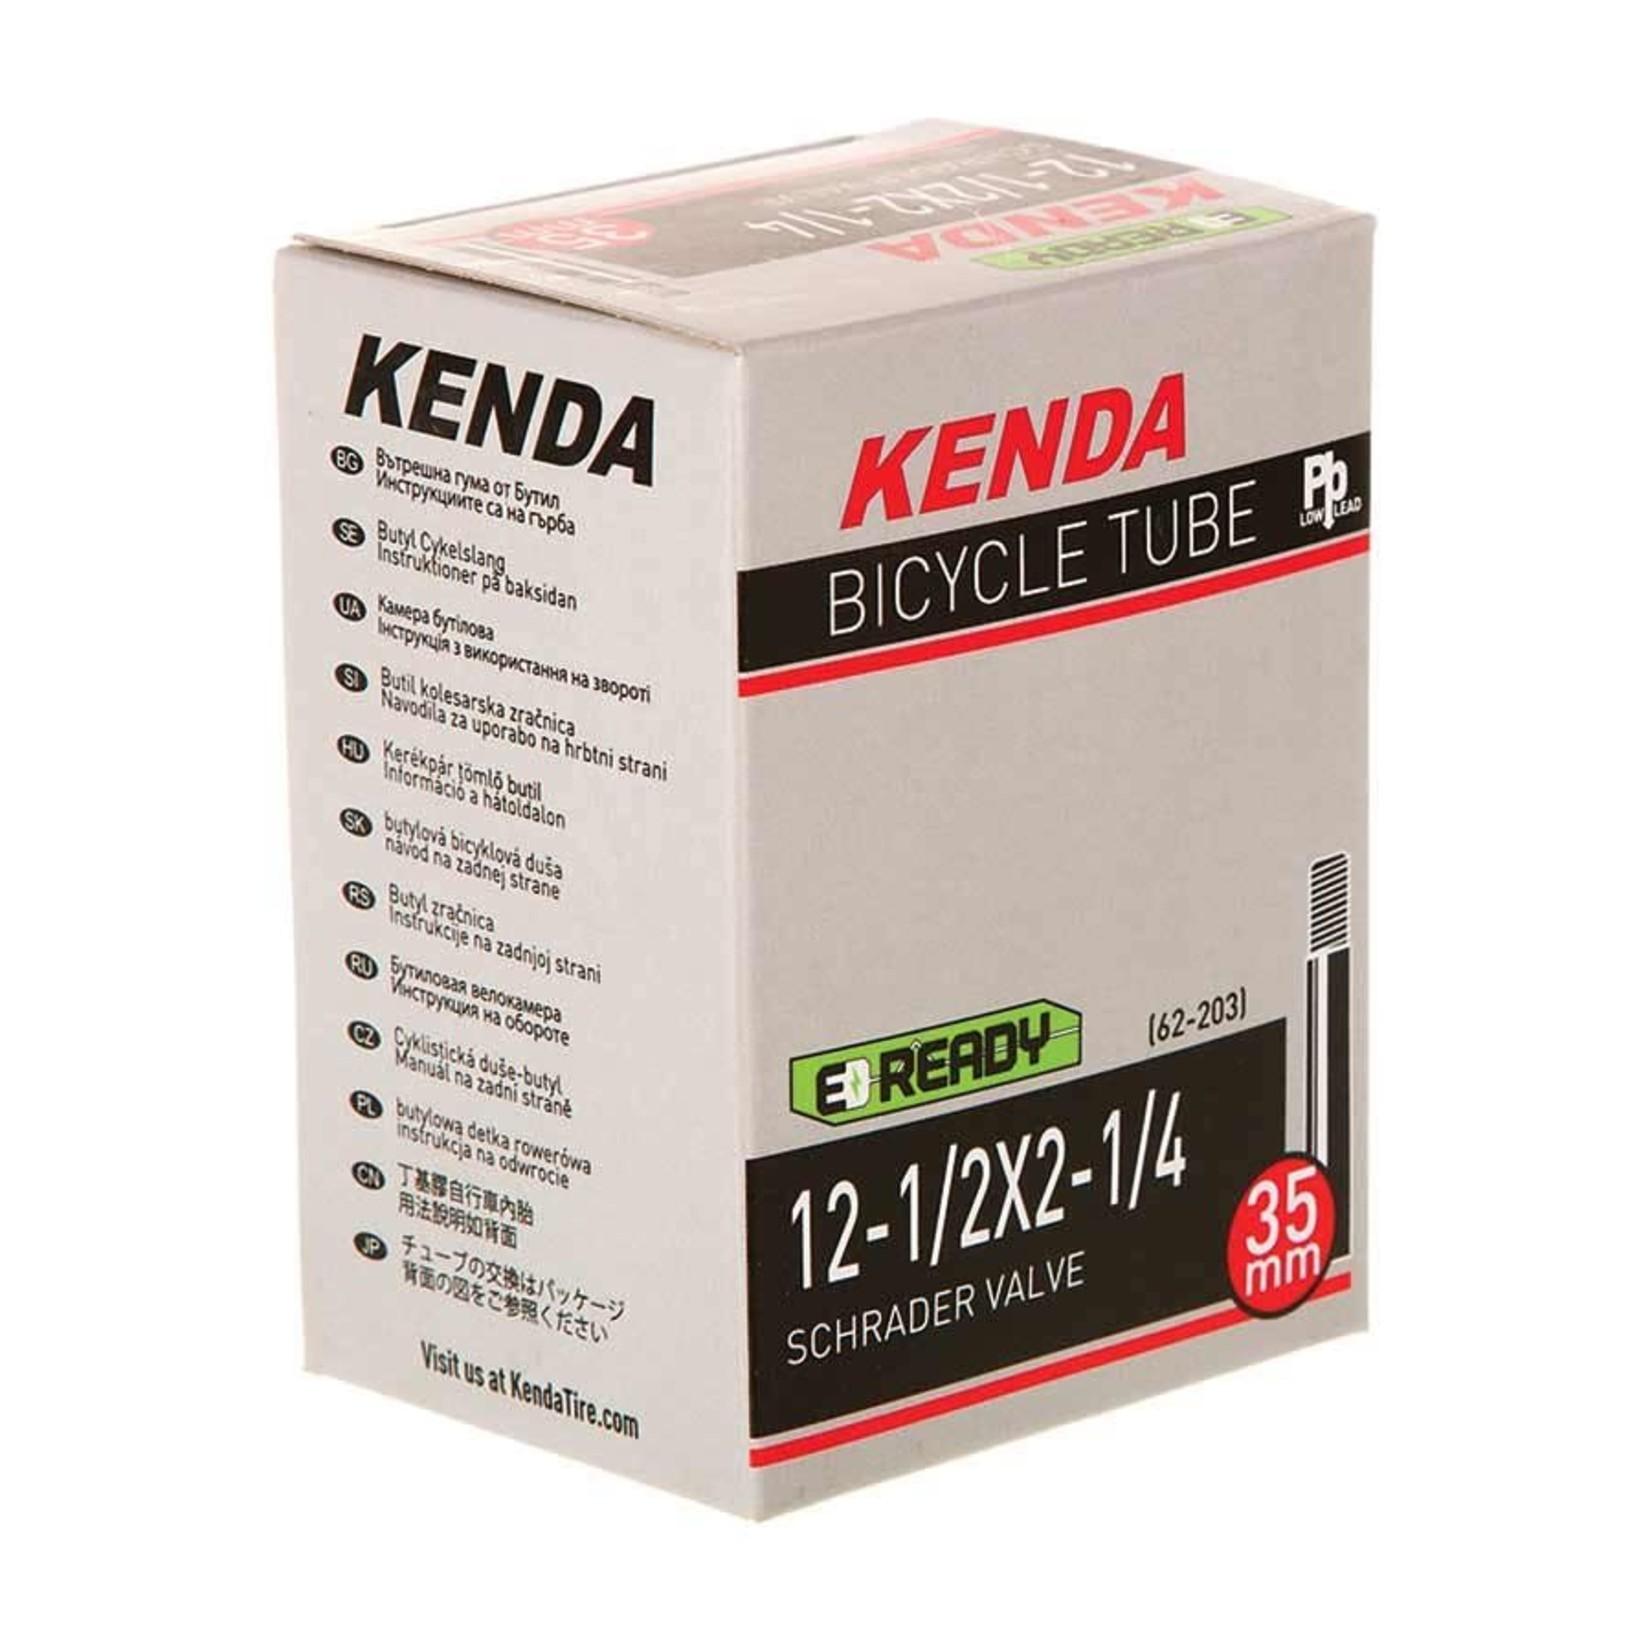 Kenda Tube, Schrader, 35mm, 12x1/2x2-1/4